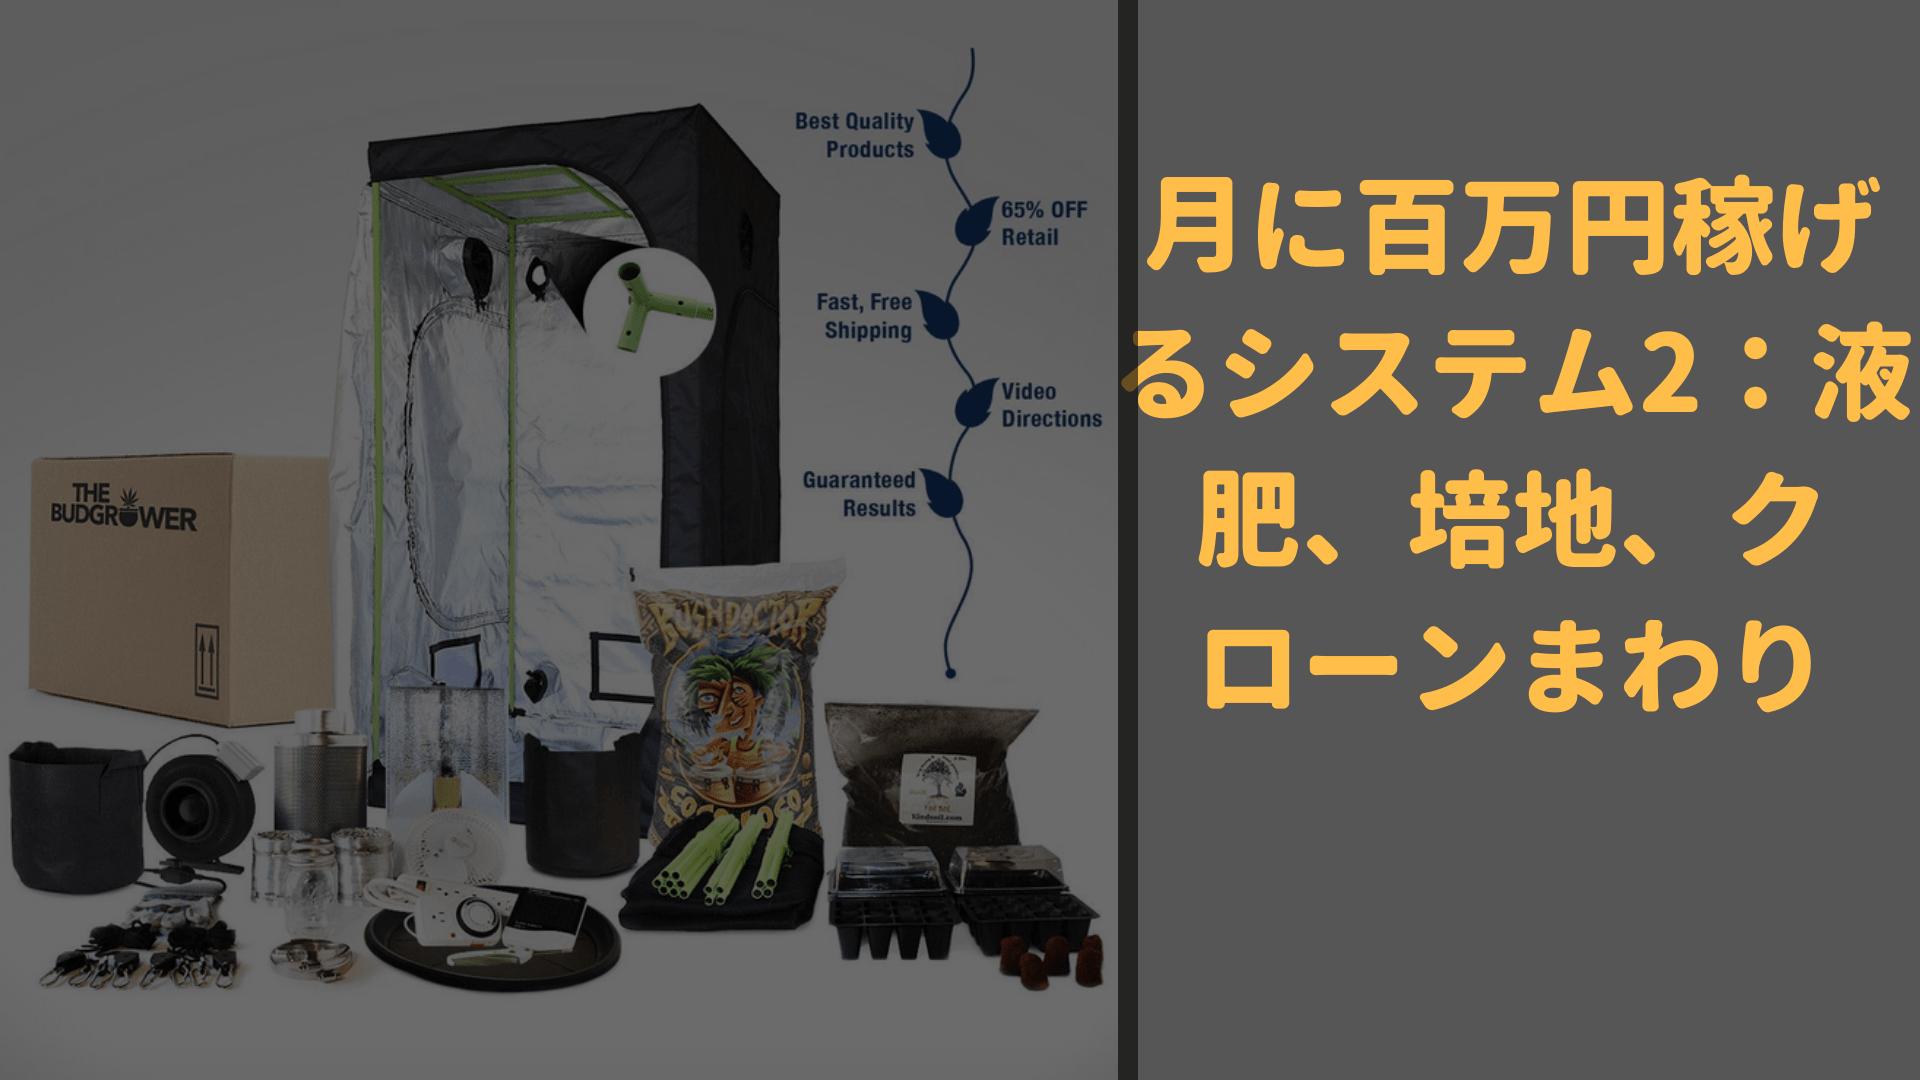 月に百万円稼げるシステム2:液肥、培地、クローンまわり